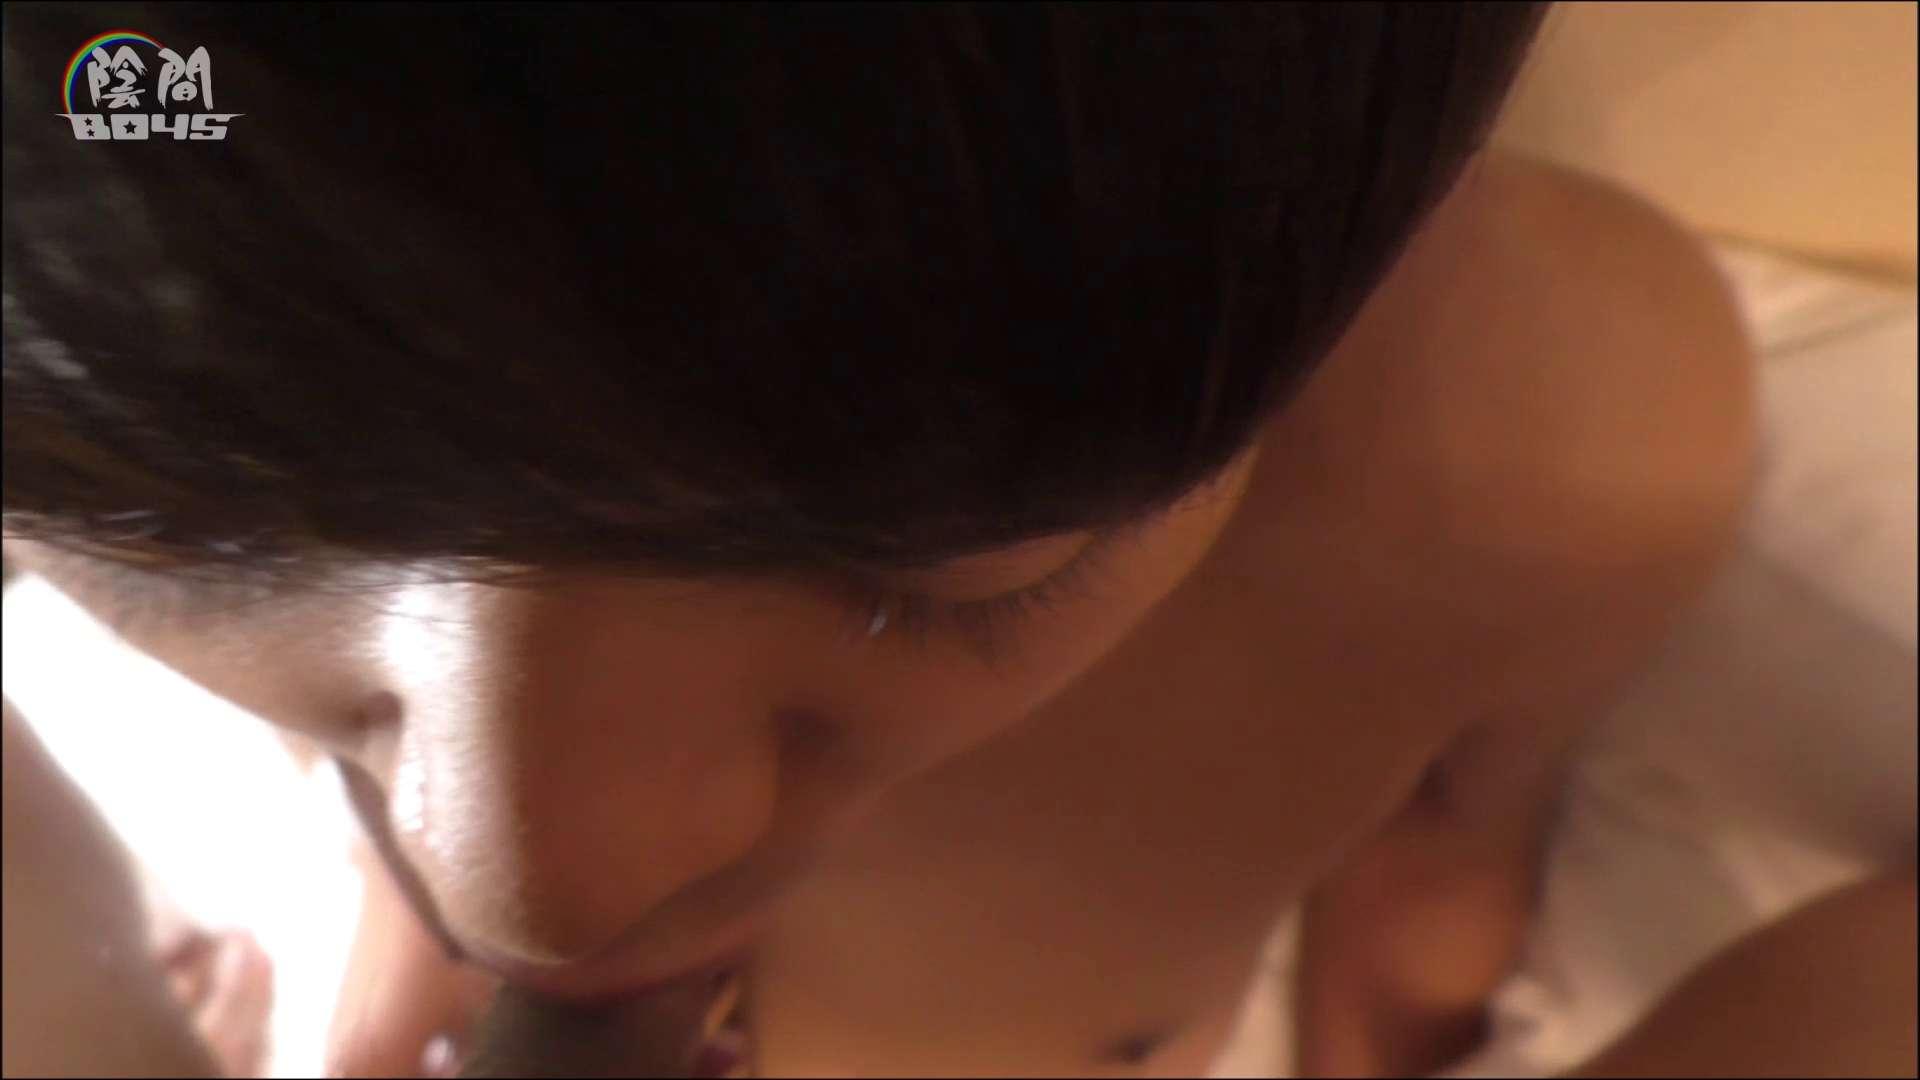 陰間BOYS~キャバクラの仕事はアナルから4 Vol.04 エッチ ゲイモロ画像 101pic 19